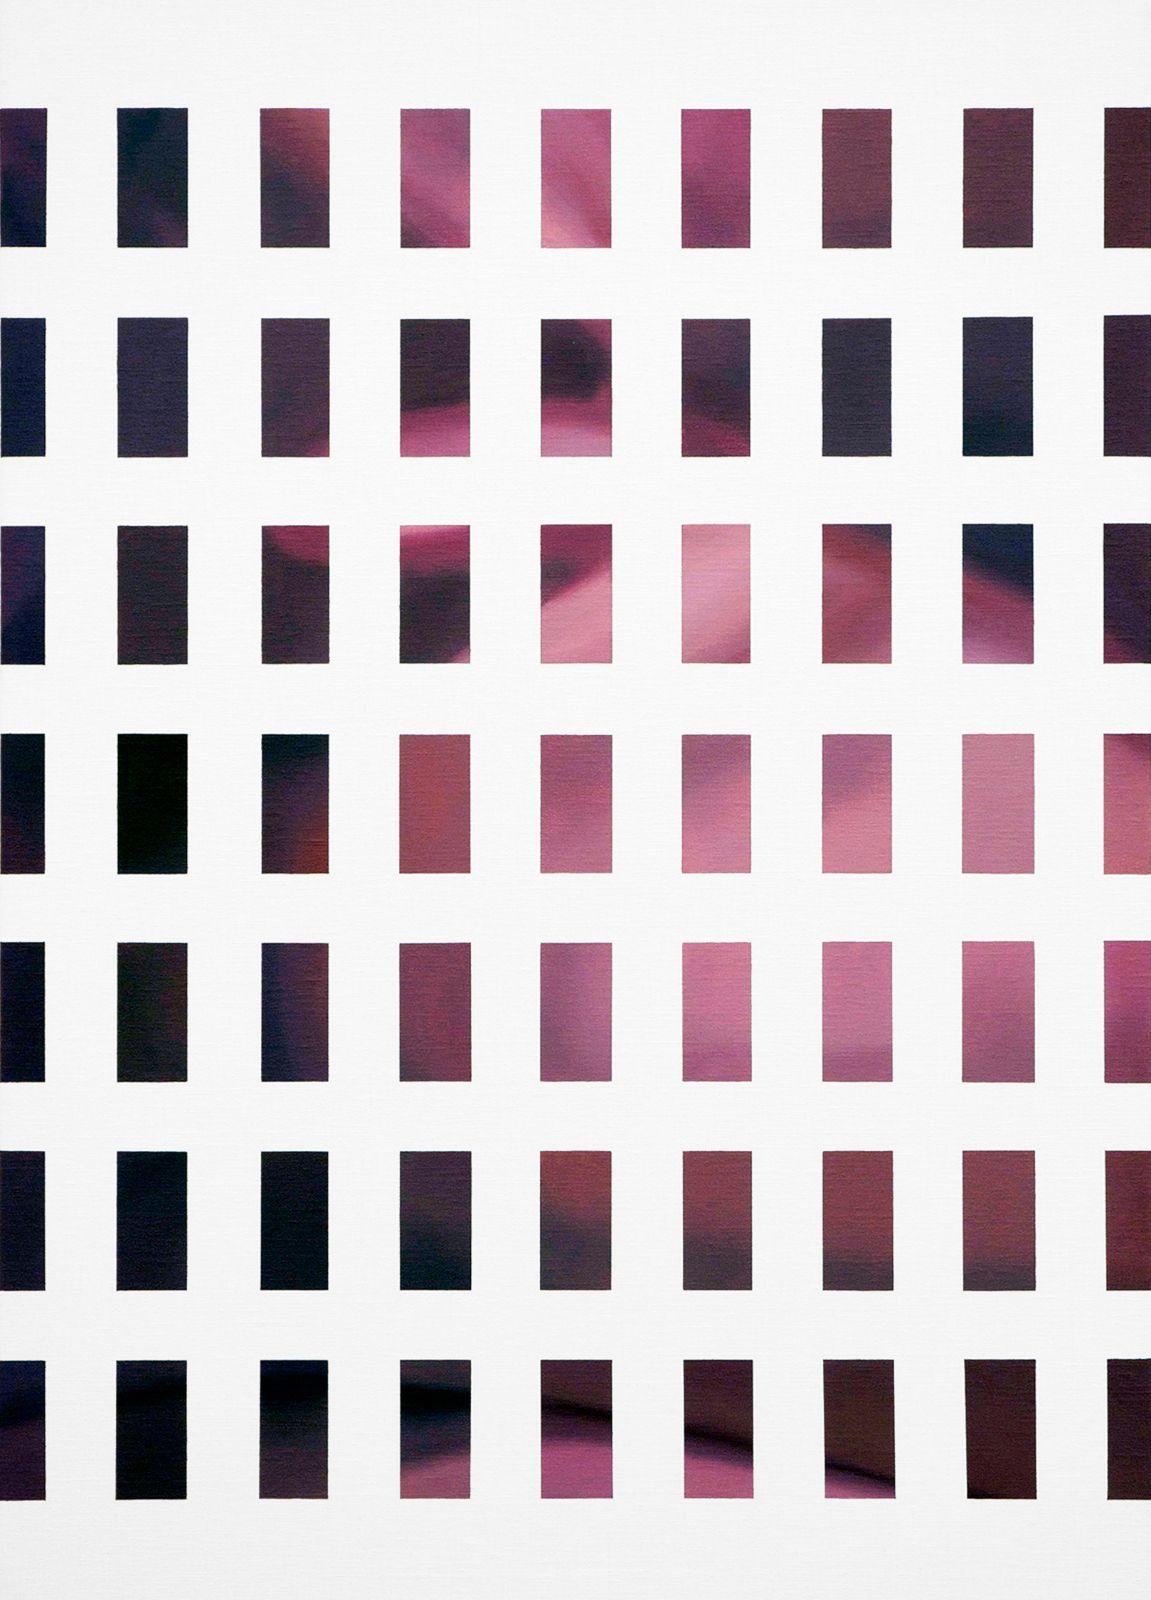 Guilty pleasure, 2012, oil on canvas, 50 x 70 cm